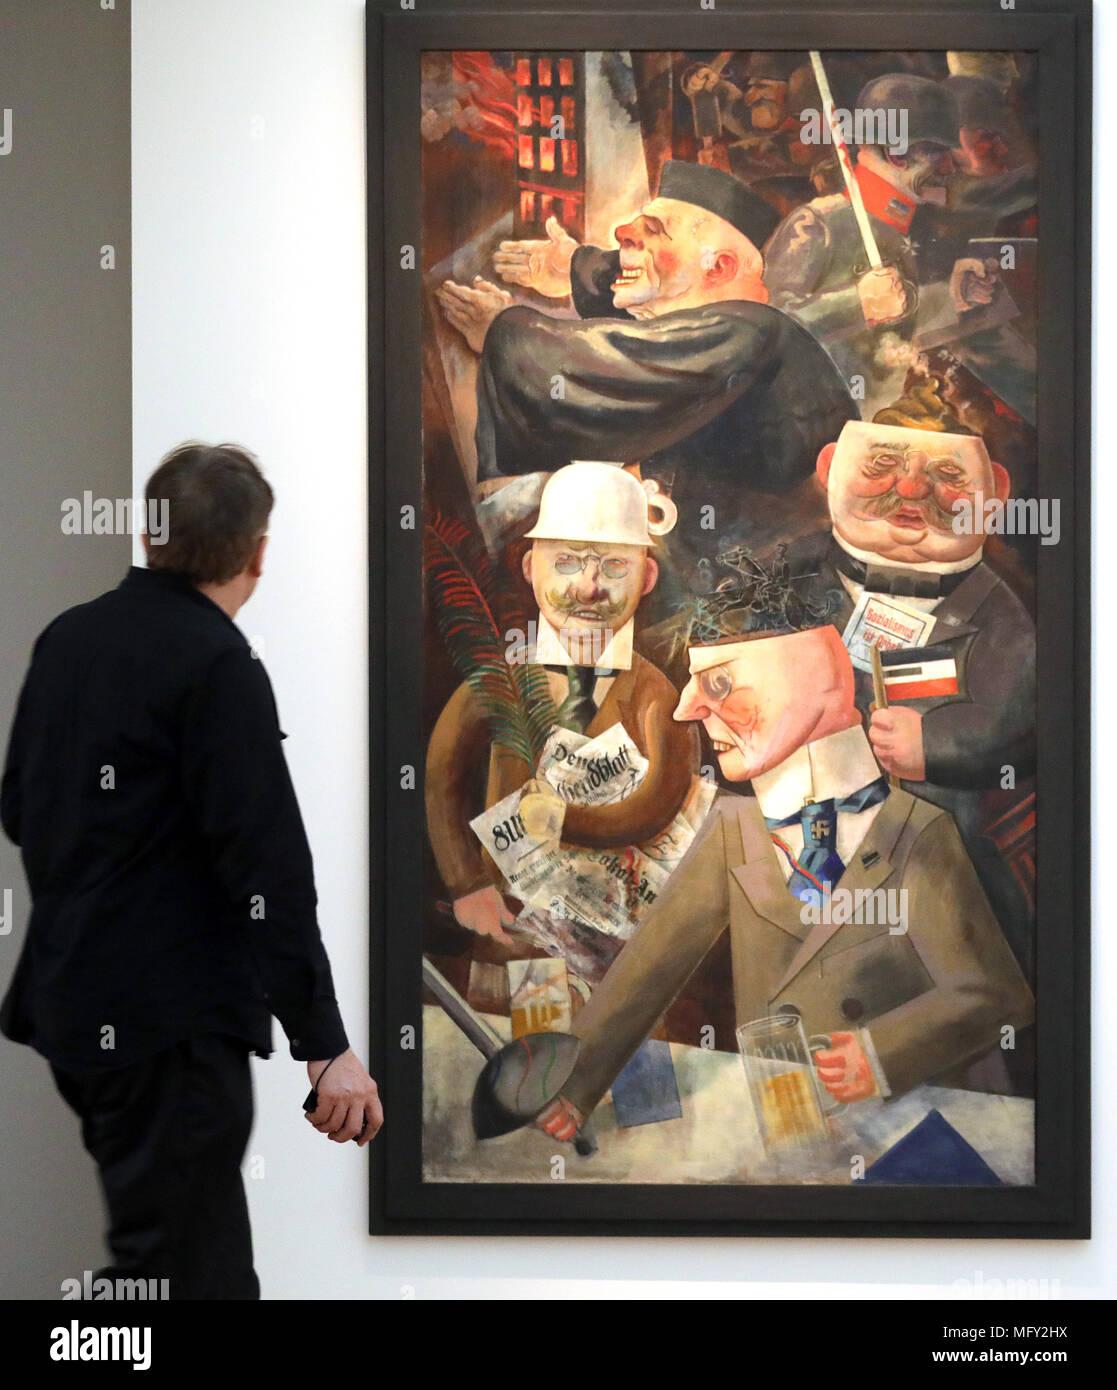 Berlin Deutschland 27 April 2018 Deutschland Berlin Ein Mann Der An Die Malerei 1926 Suche Von George Grosz Der Tuetzen Der Gesellschaft Stutzen Der Gesellschaft In Der Ausstellung Hallo Welt Revision